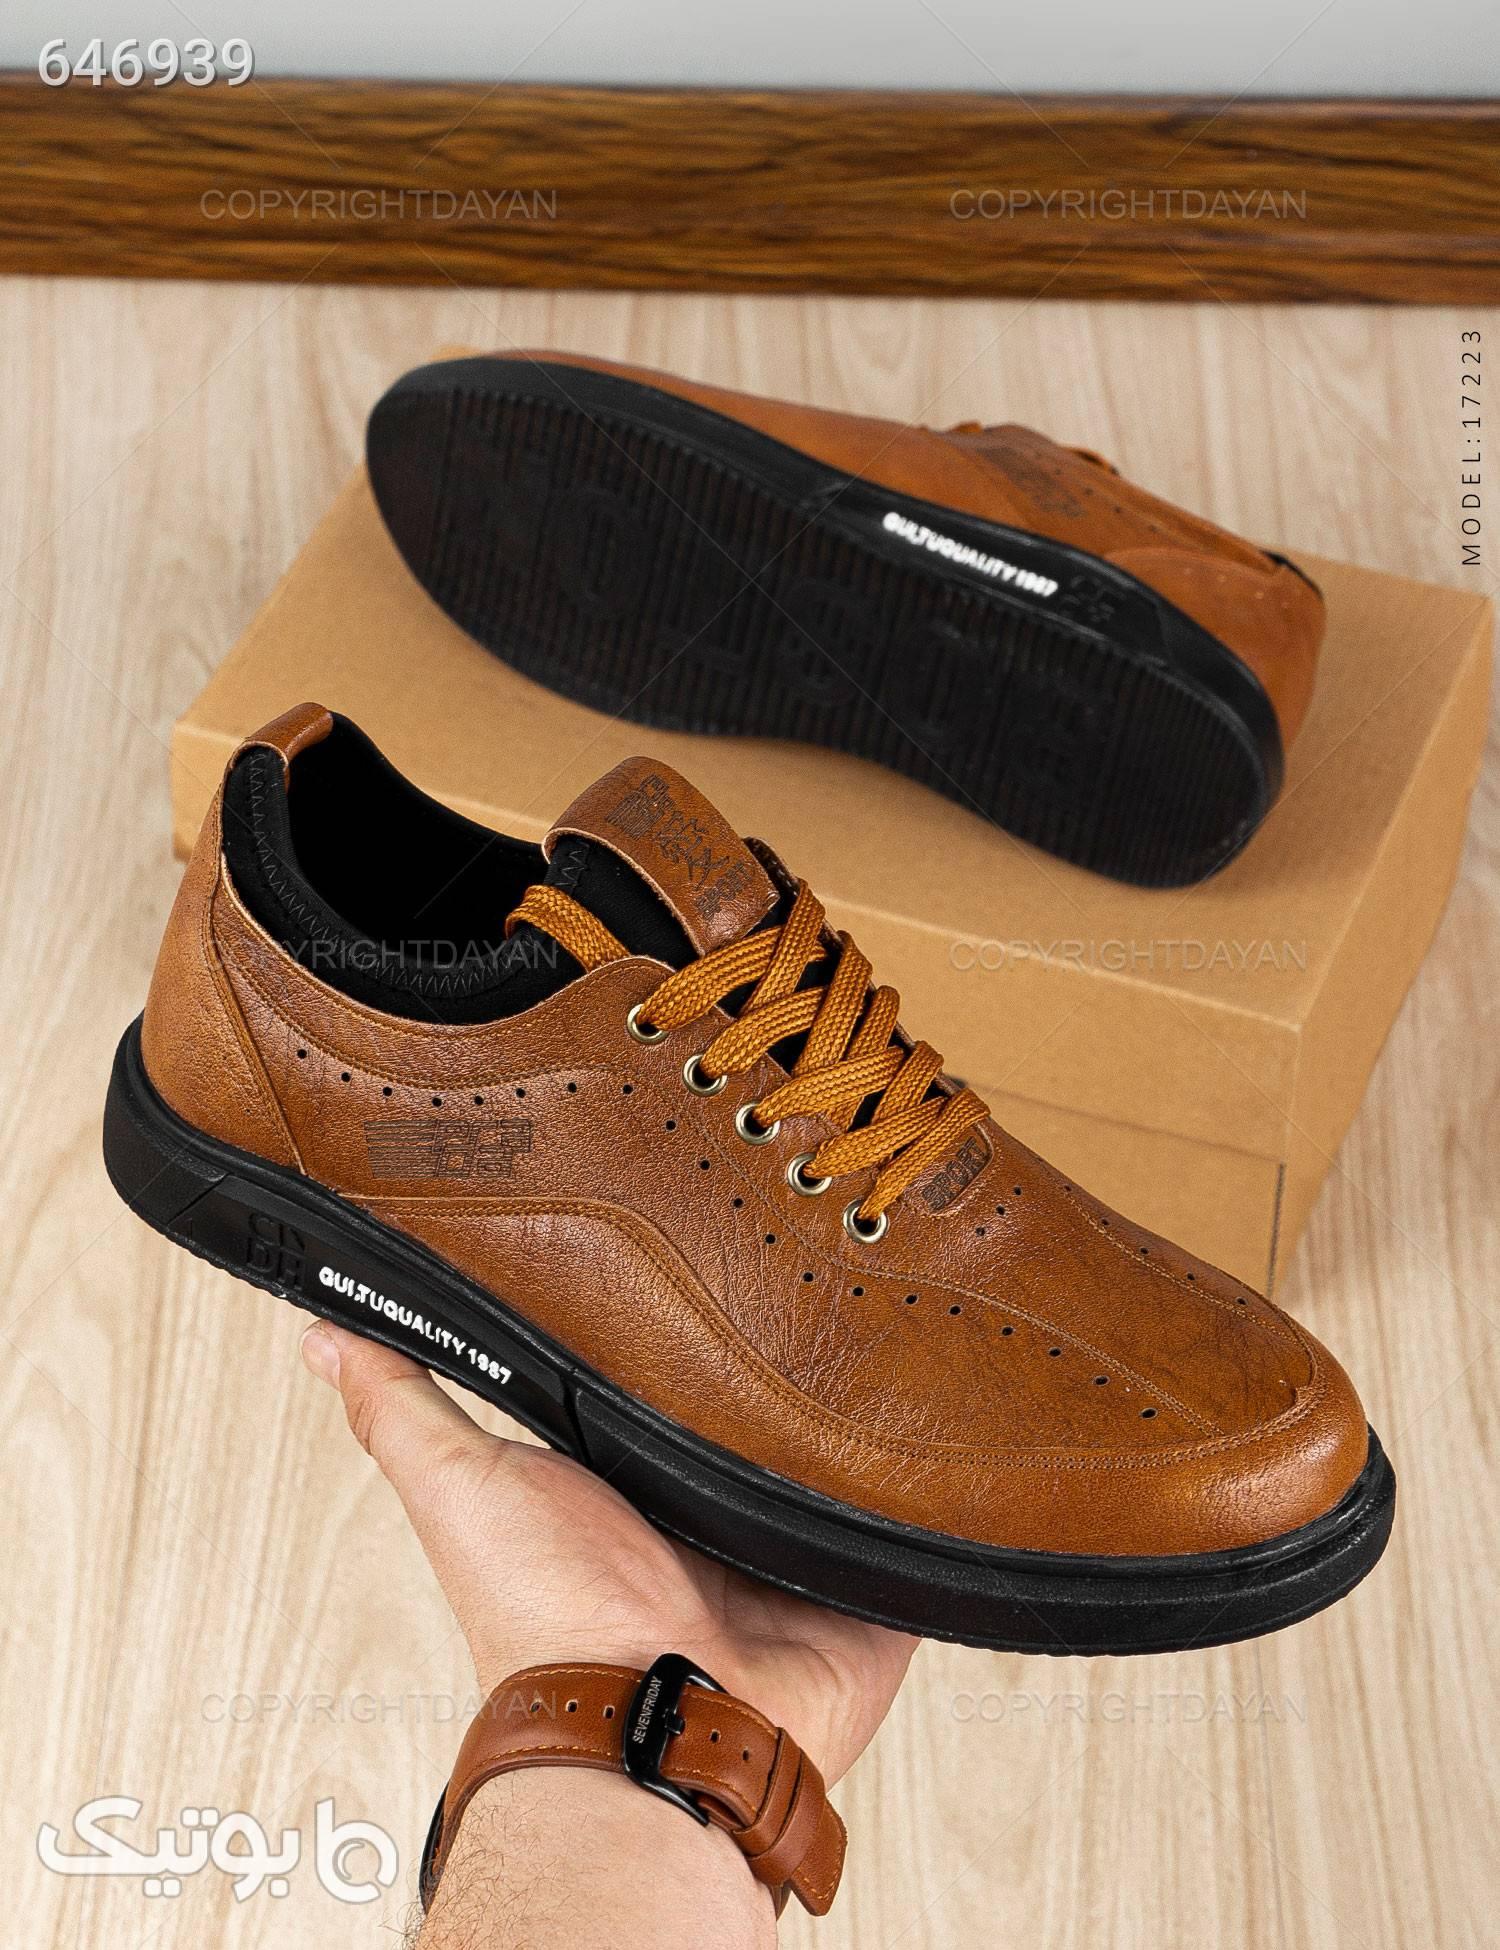 کفش مجلسی مدل C7223 مشکی كفش مردانه